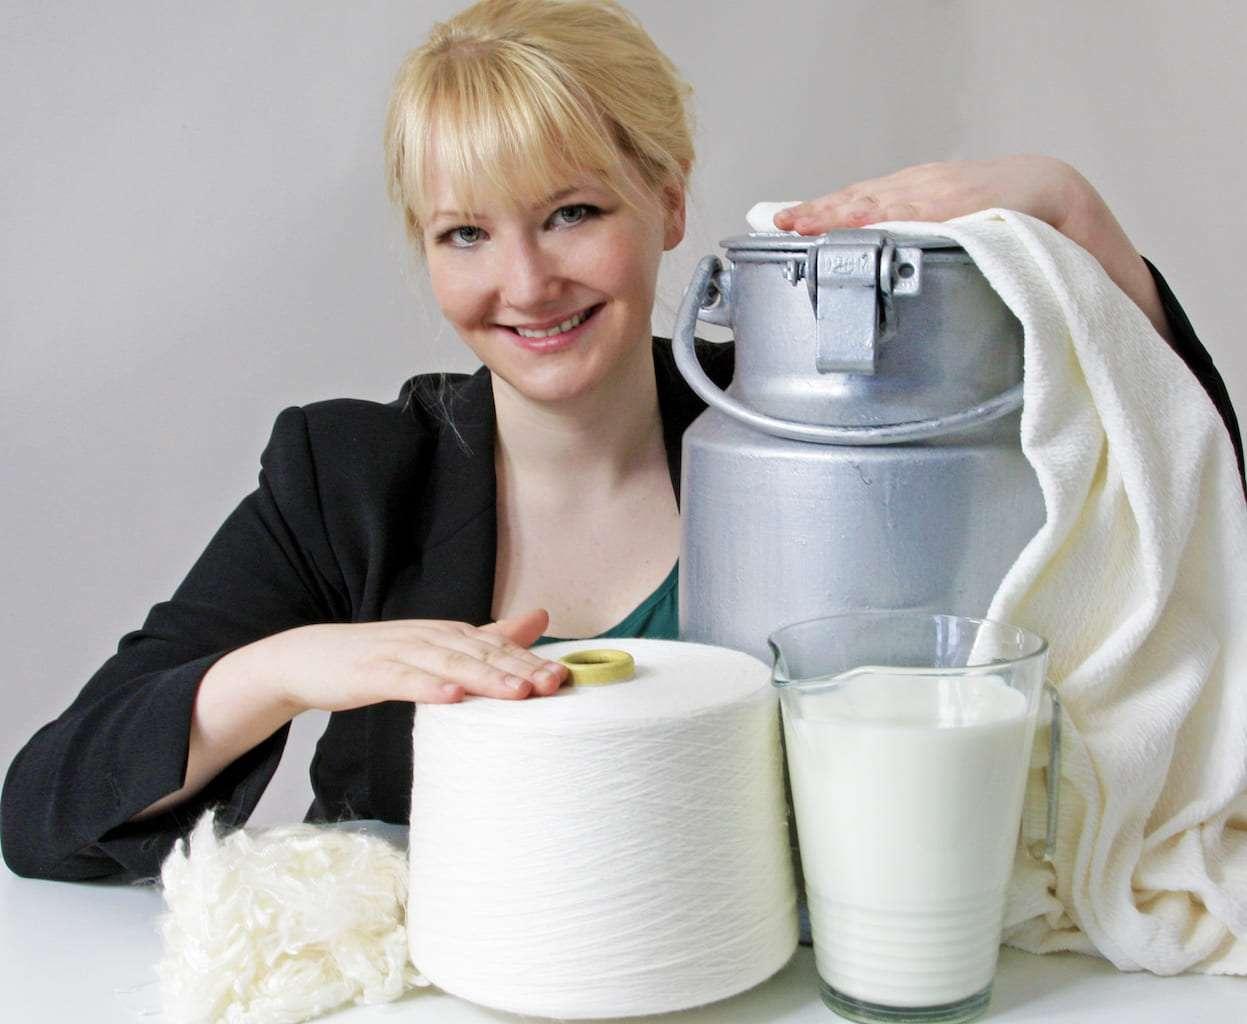 Anke Domaske / QMilk / Allemagne / Recyclage du lait non consommé/fibre textile/gestion des déchets/ économie circulaire